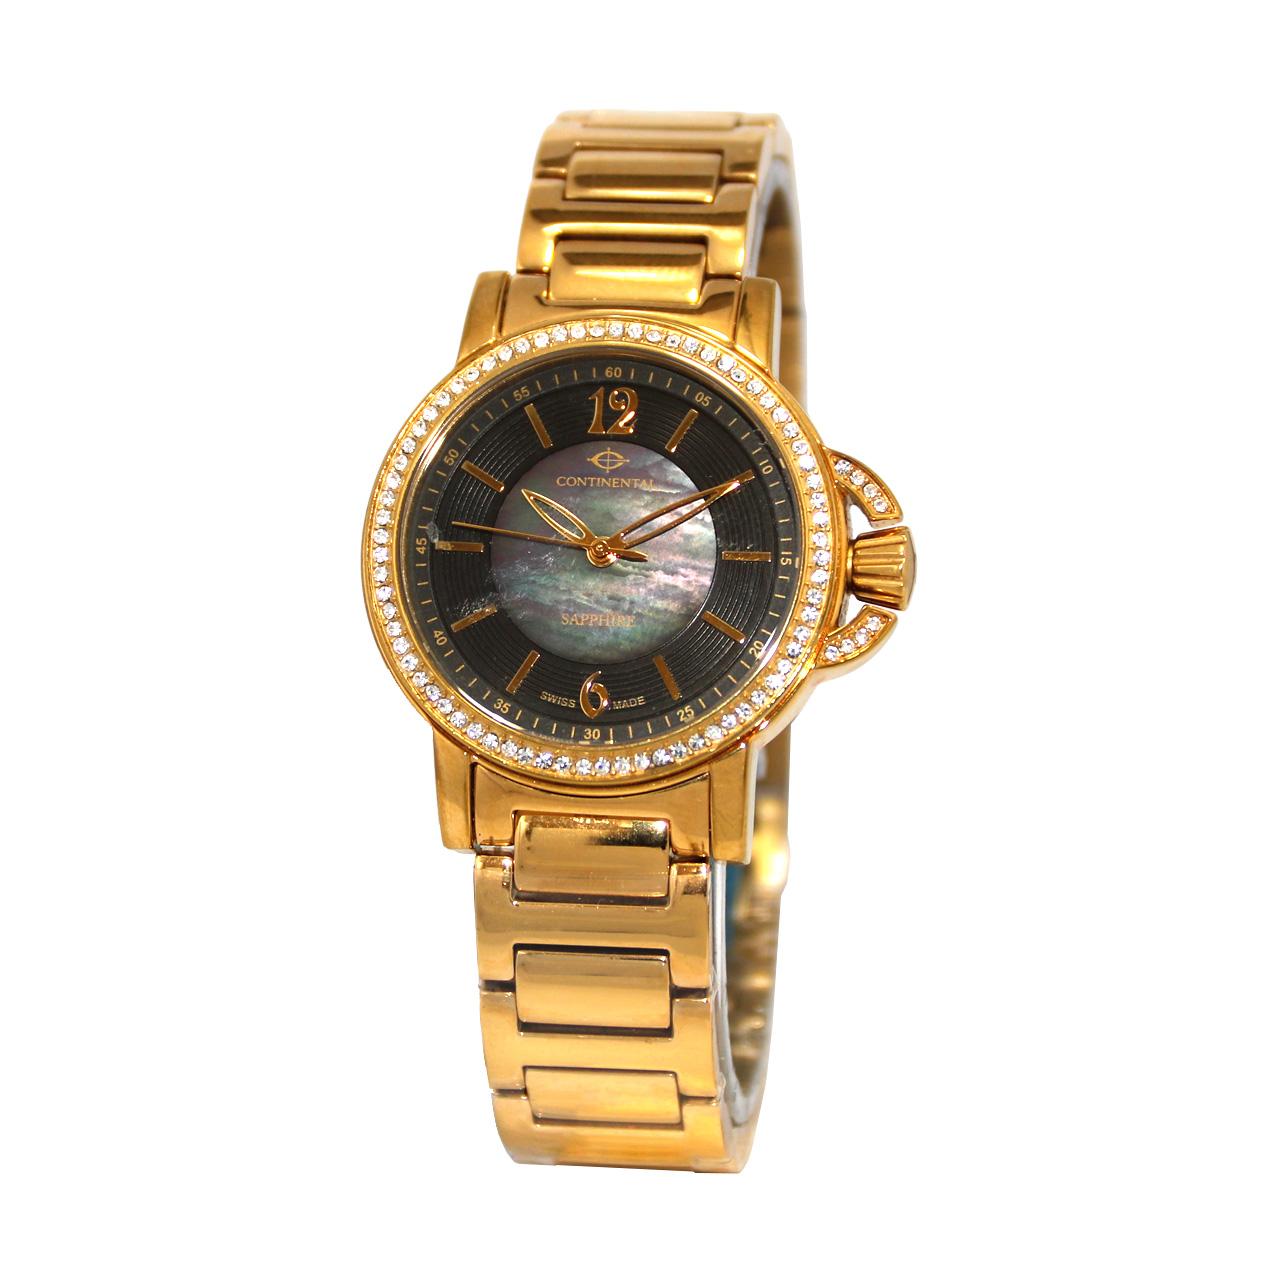 ساعت مچی عقربه ای زنانه کنتیننتال مدل 12260-234D 20